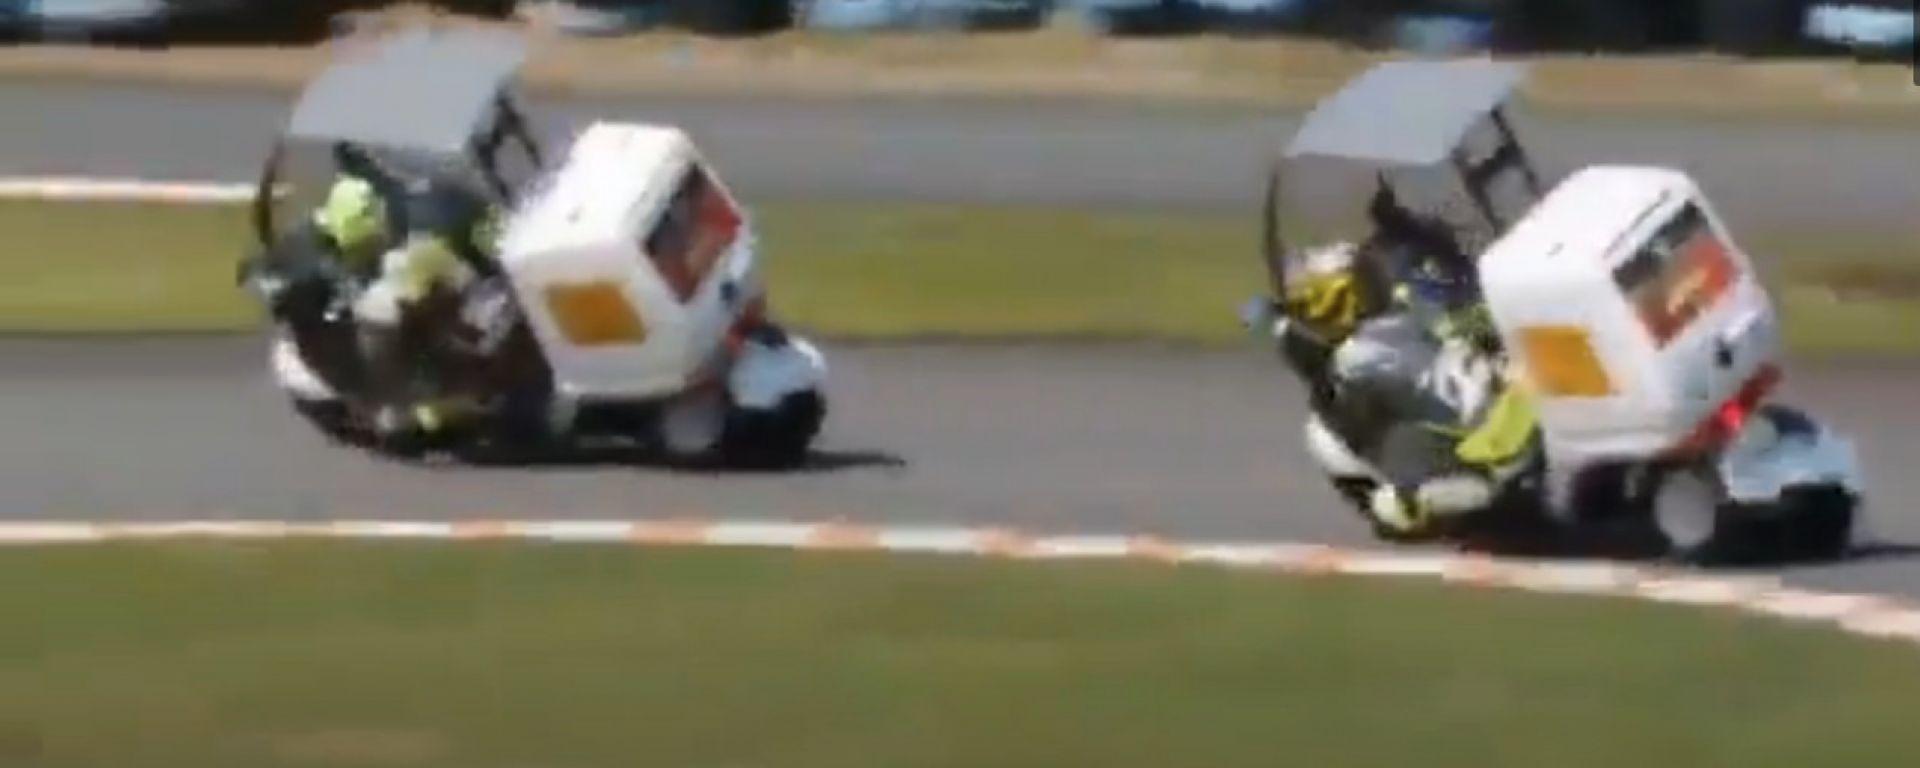 Honda Gyro: 3 ruote in pista per una sfida all'ultima staccata